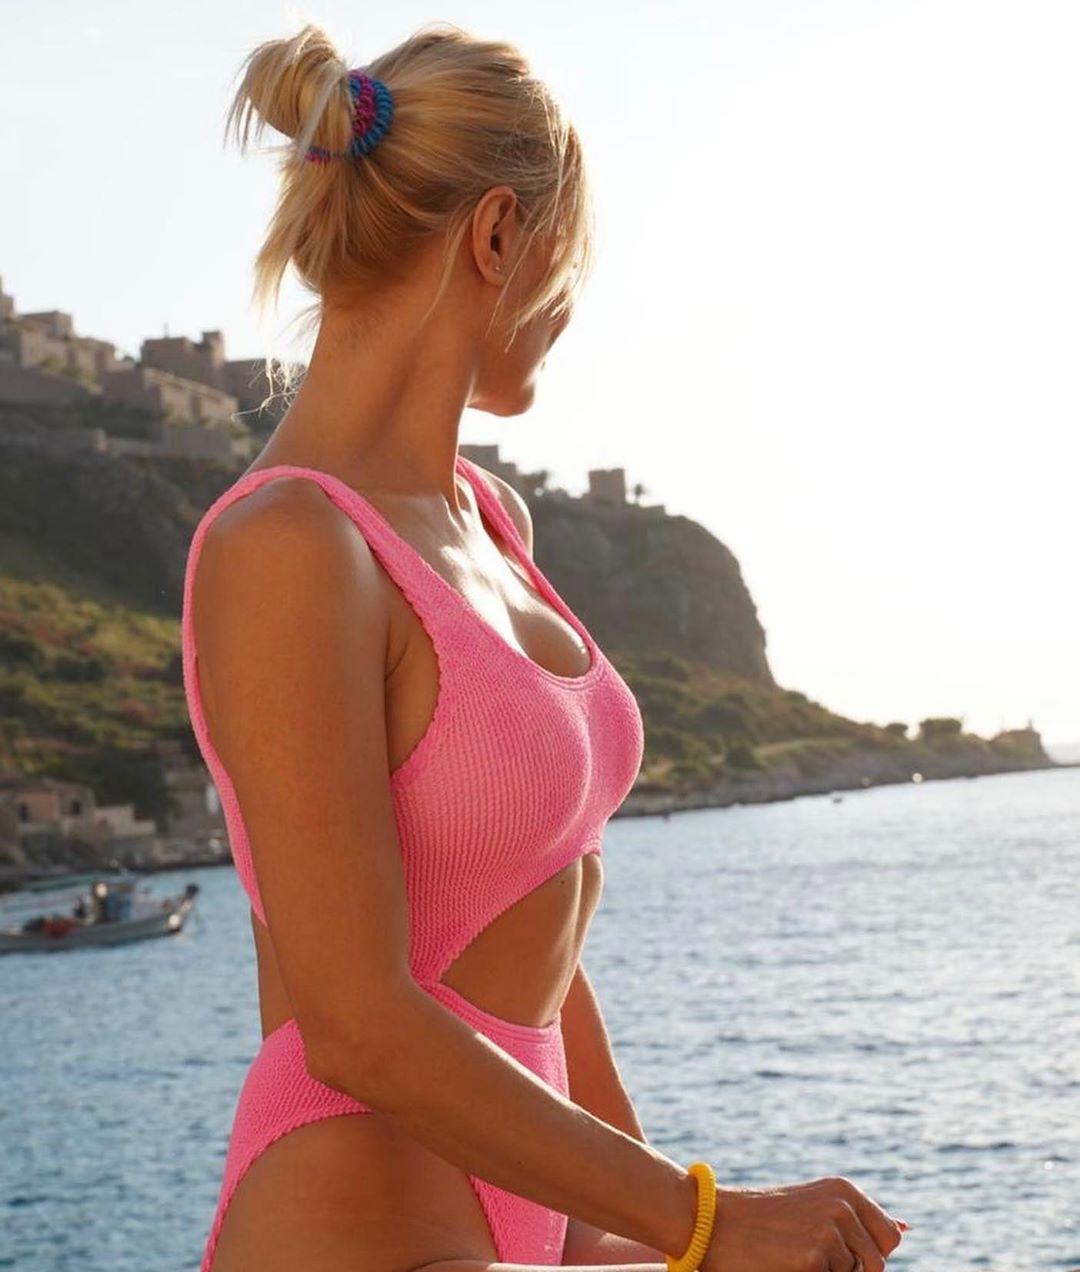 Φαίη Σκορδά με ροζ ολόσωμο μαγιό